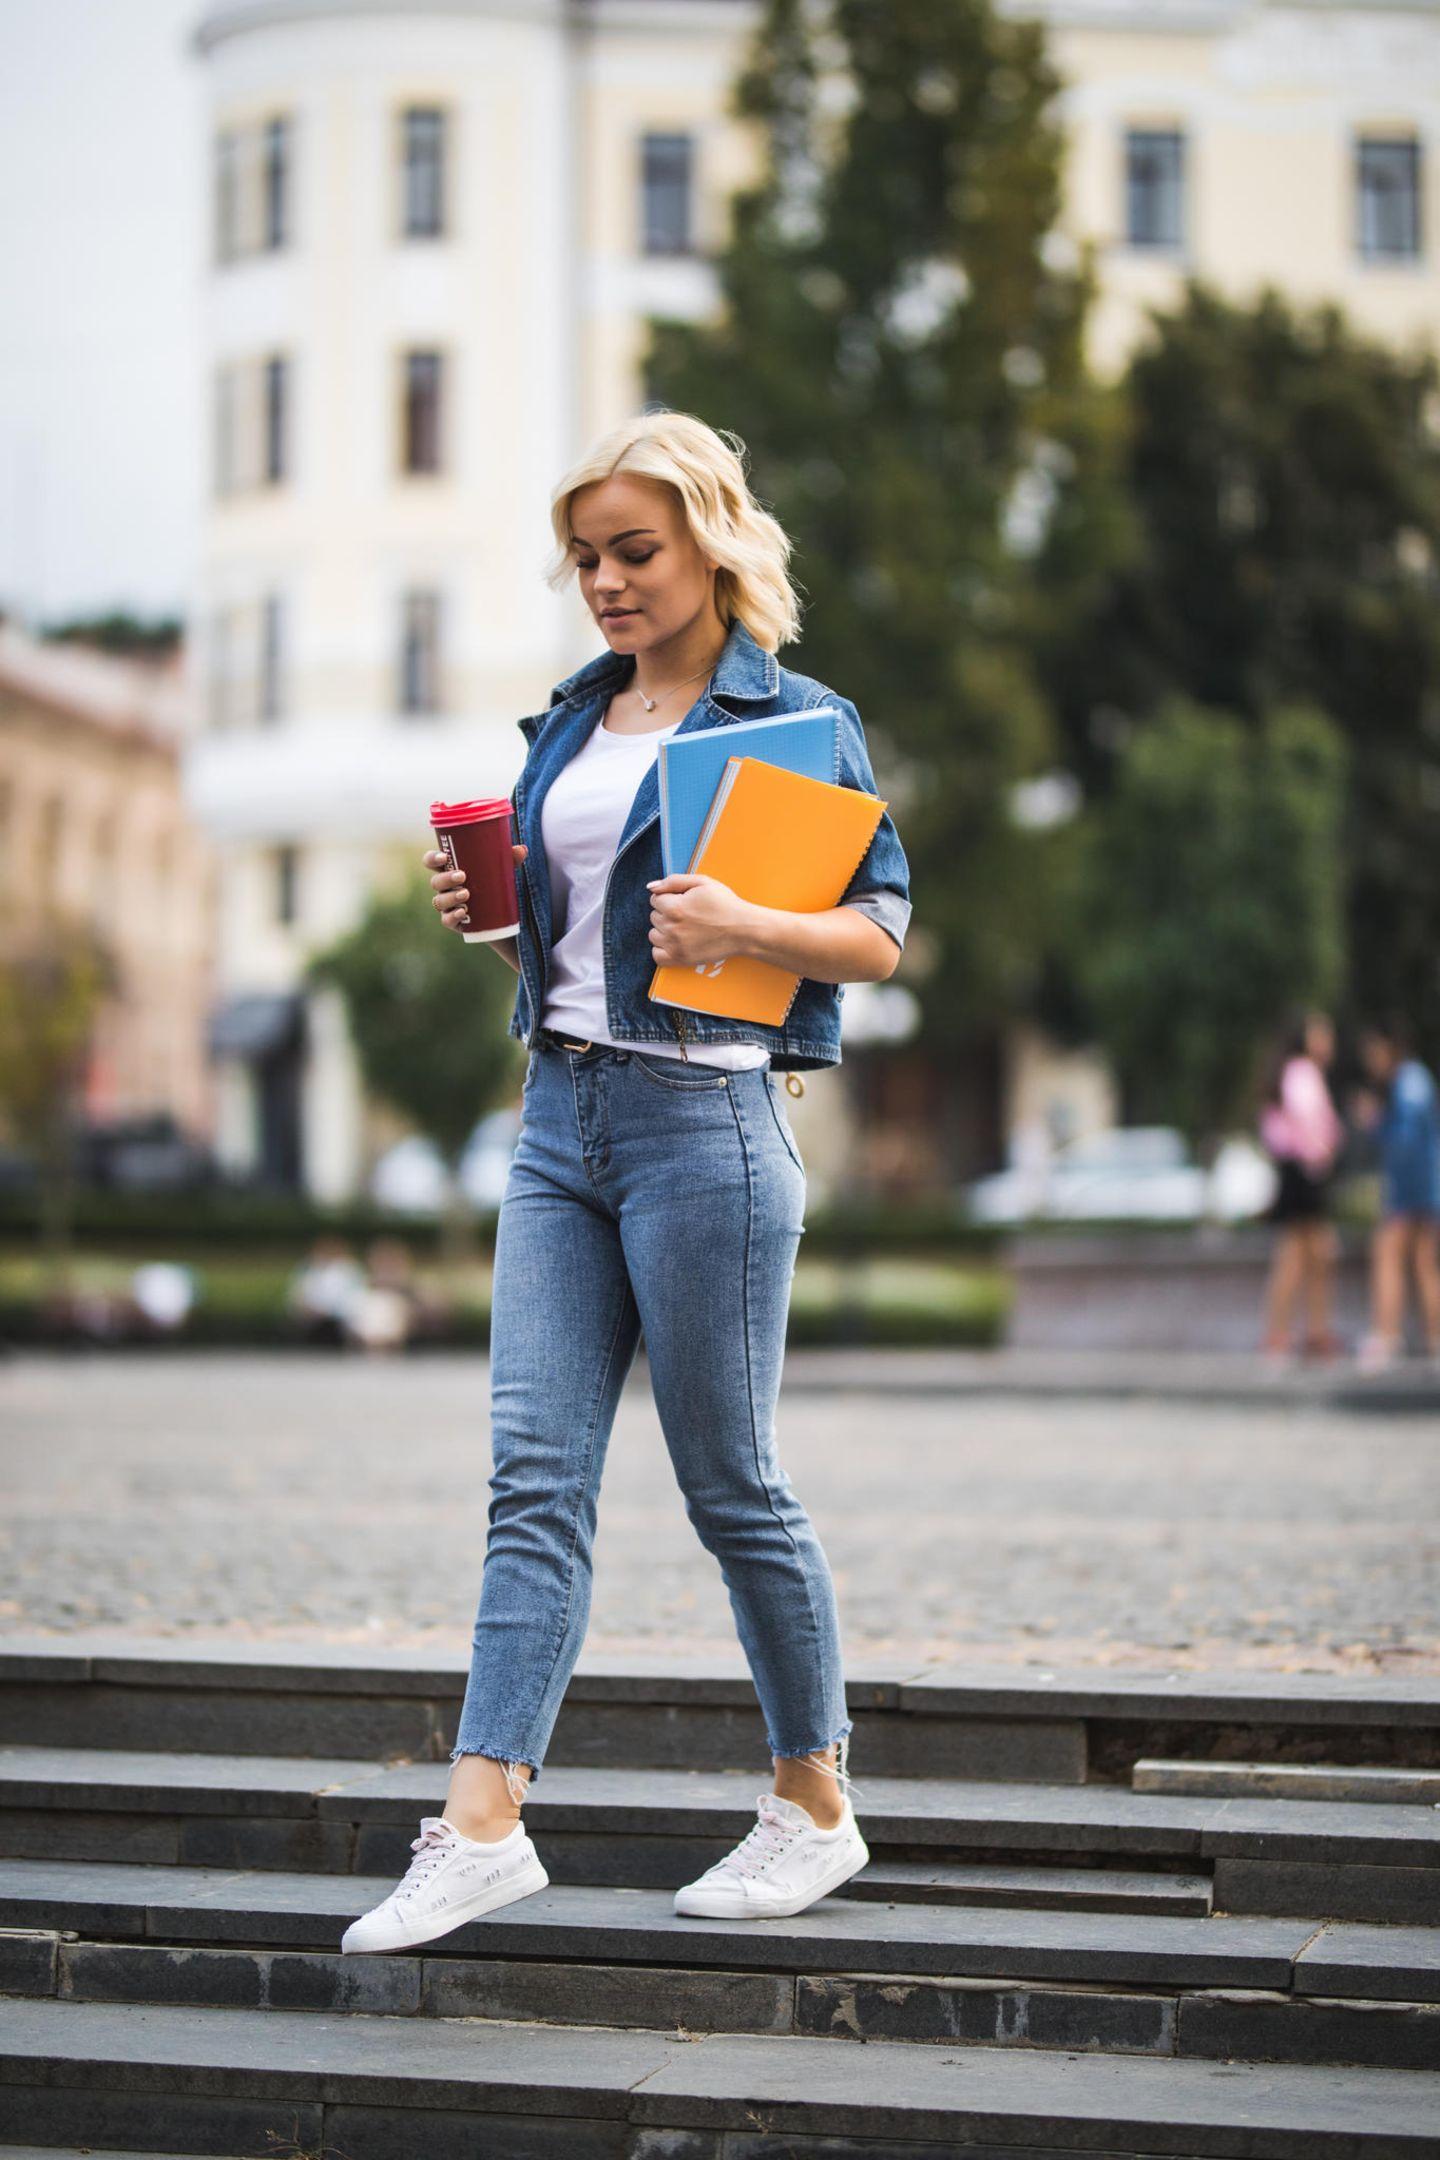 Zierlicher Typ: Figurberatung Jeans: Zierlich, klein und